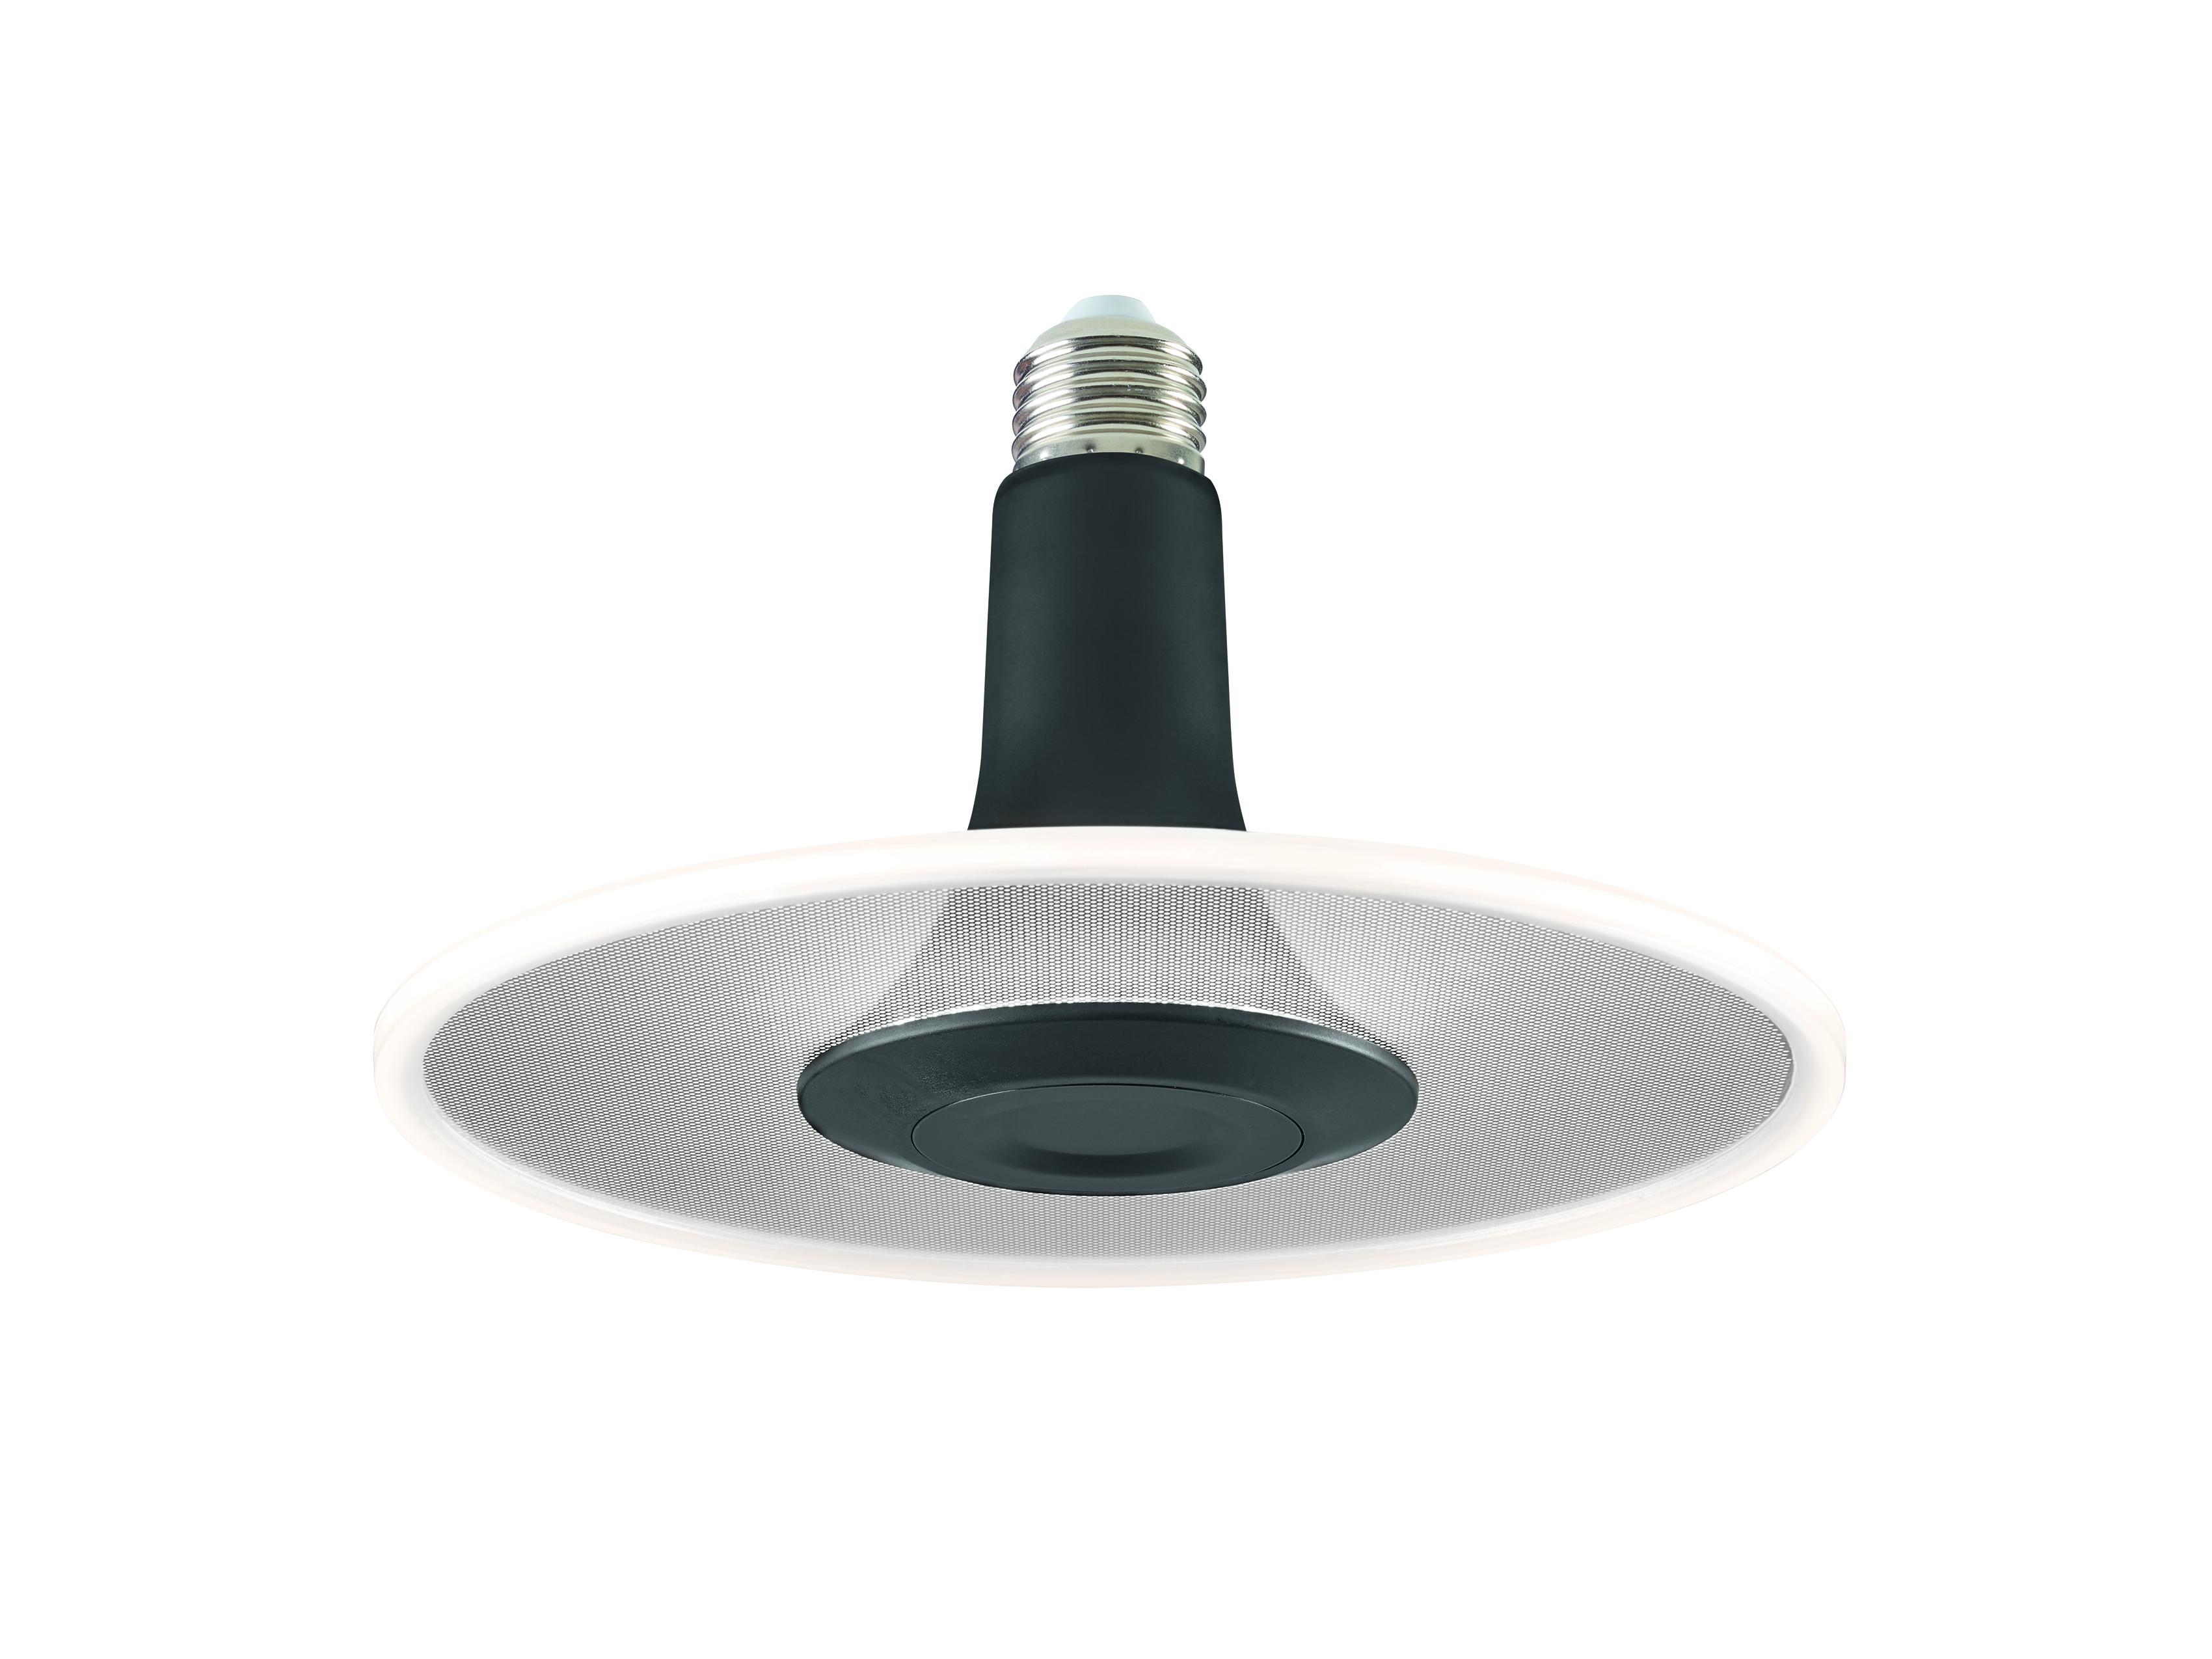 Briljant Lampje Kinderkamer : Sylvania toledo radiance: lamp in de vorm van een armatuur